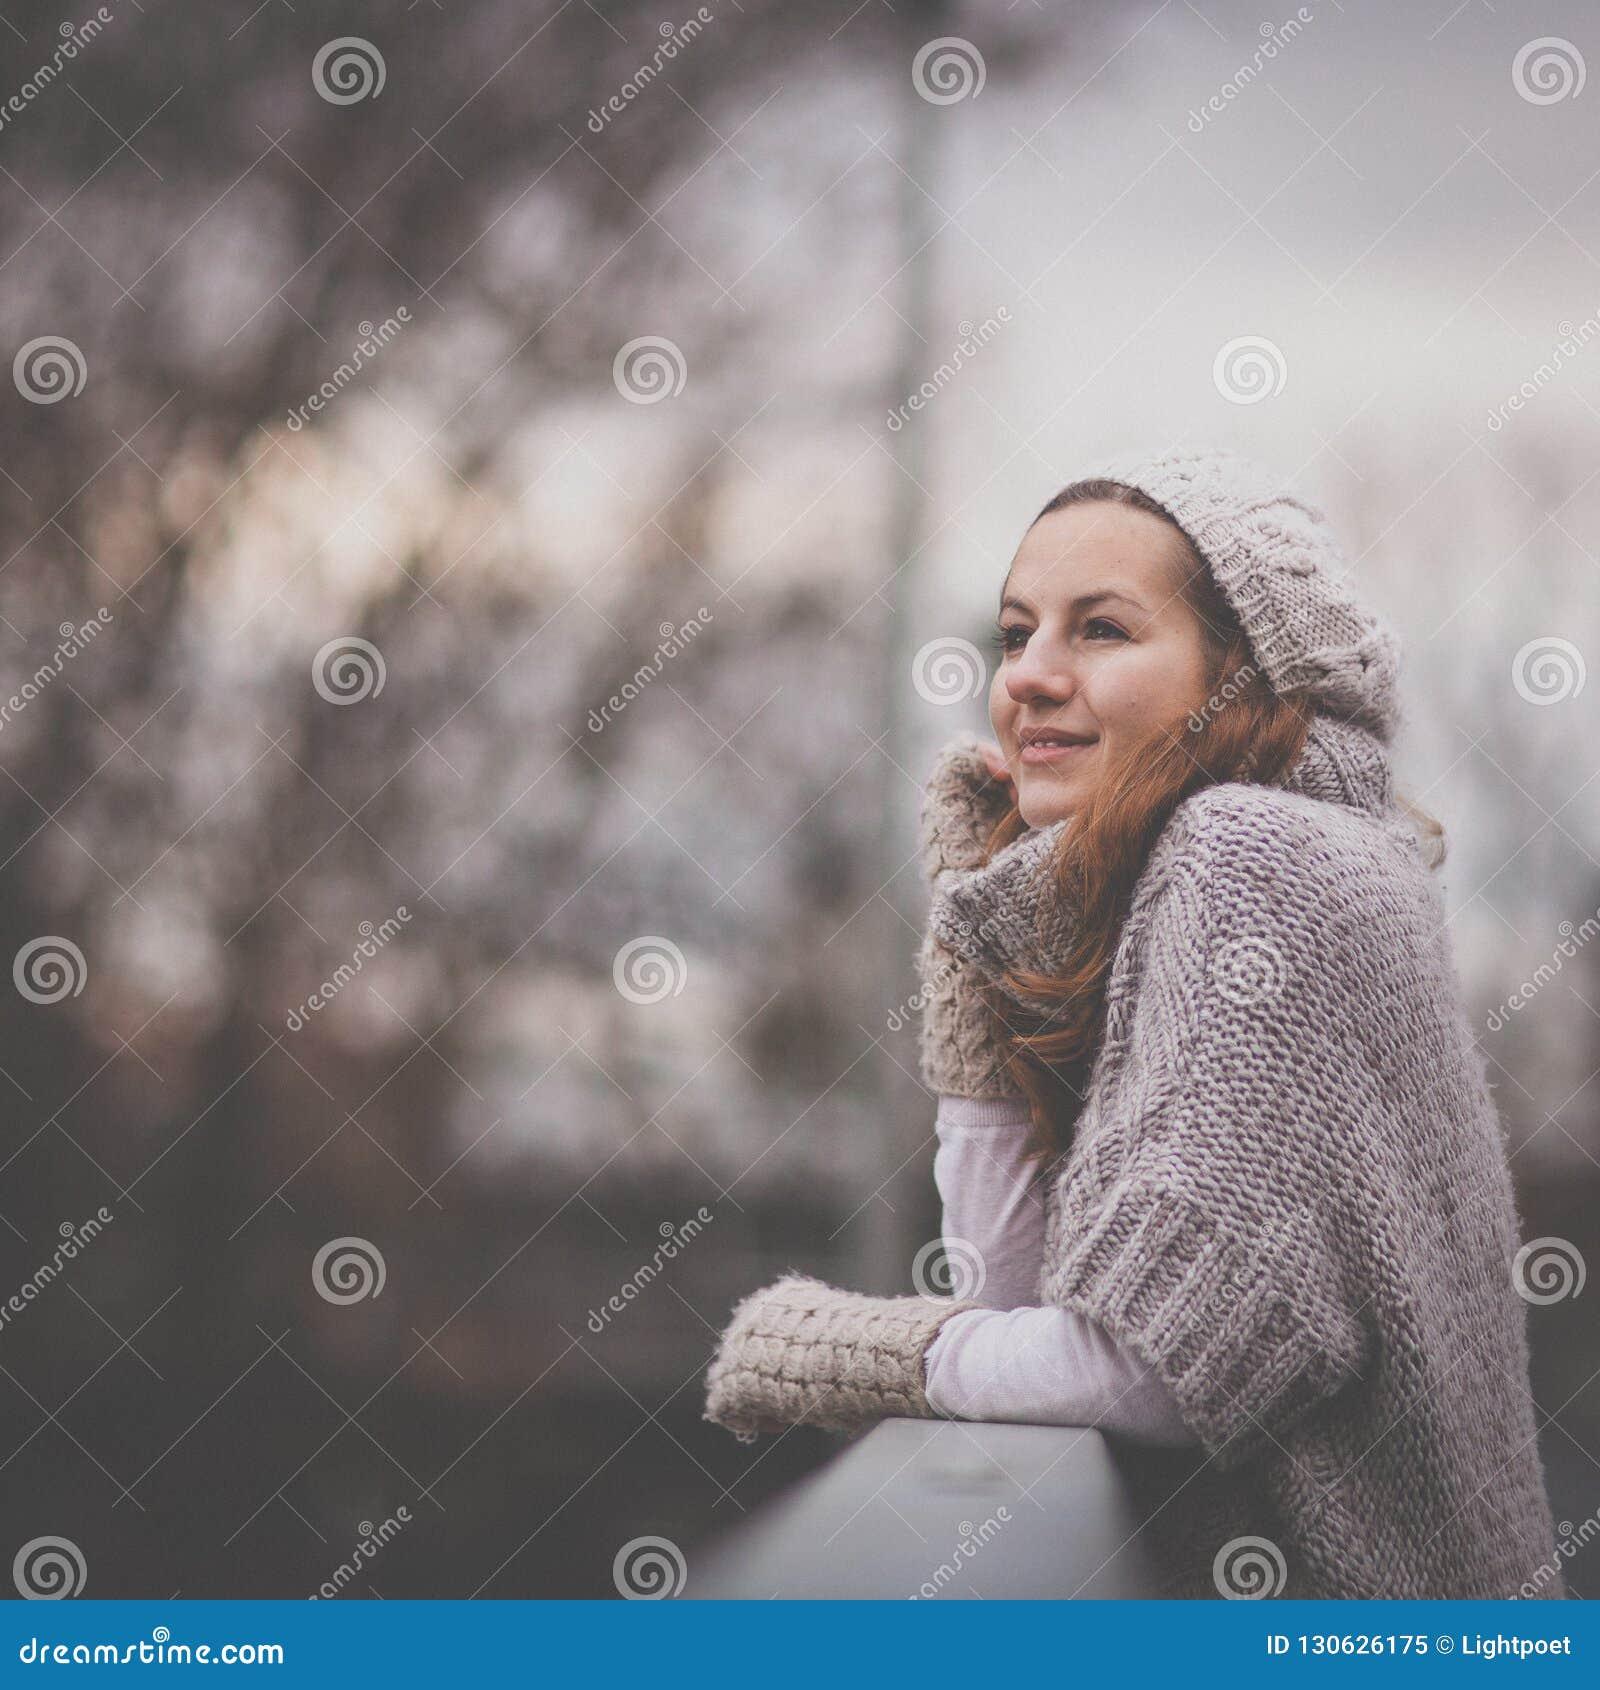 Retrato del otoño/del invierno: mujer joven vestida en una rebeca de lana caliente